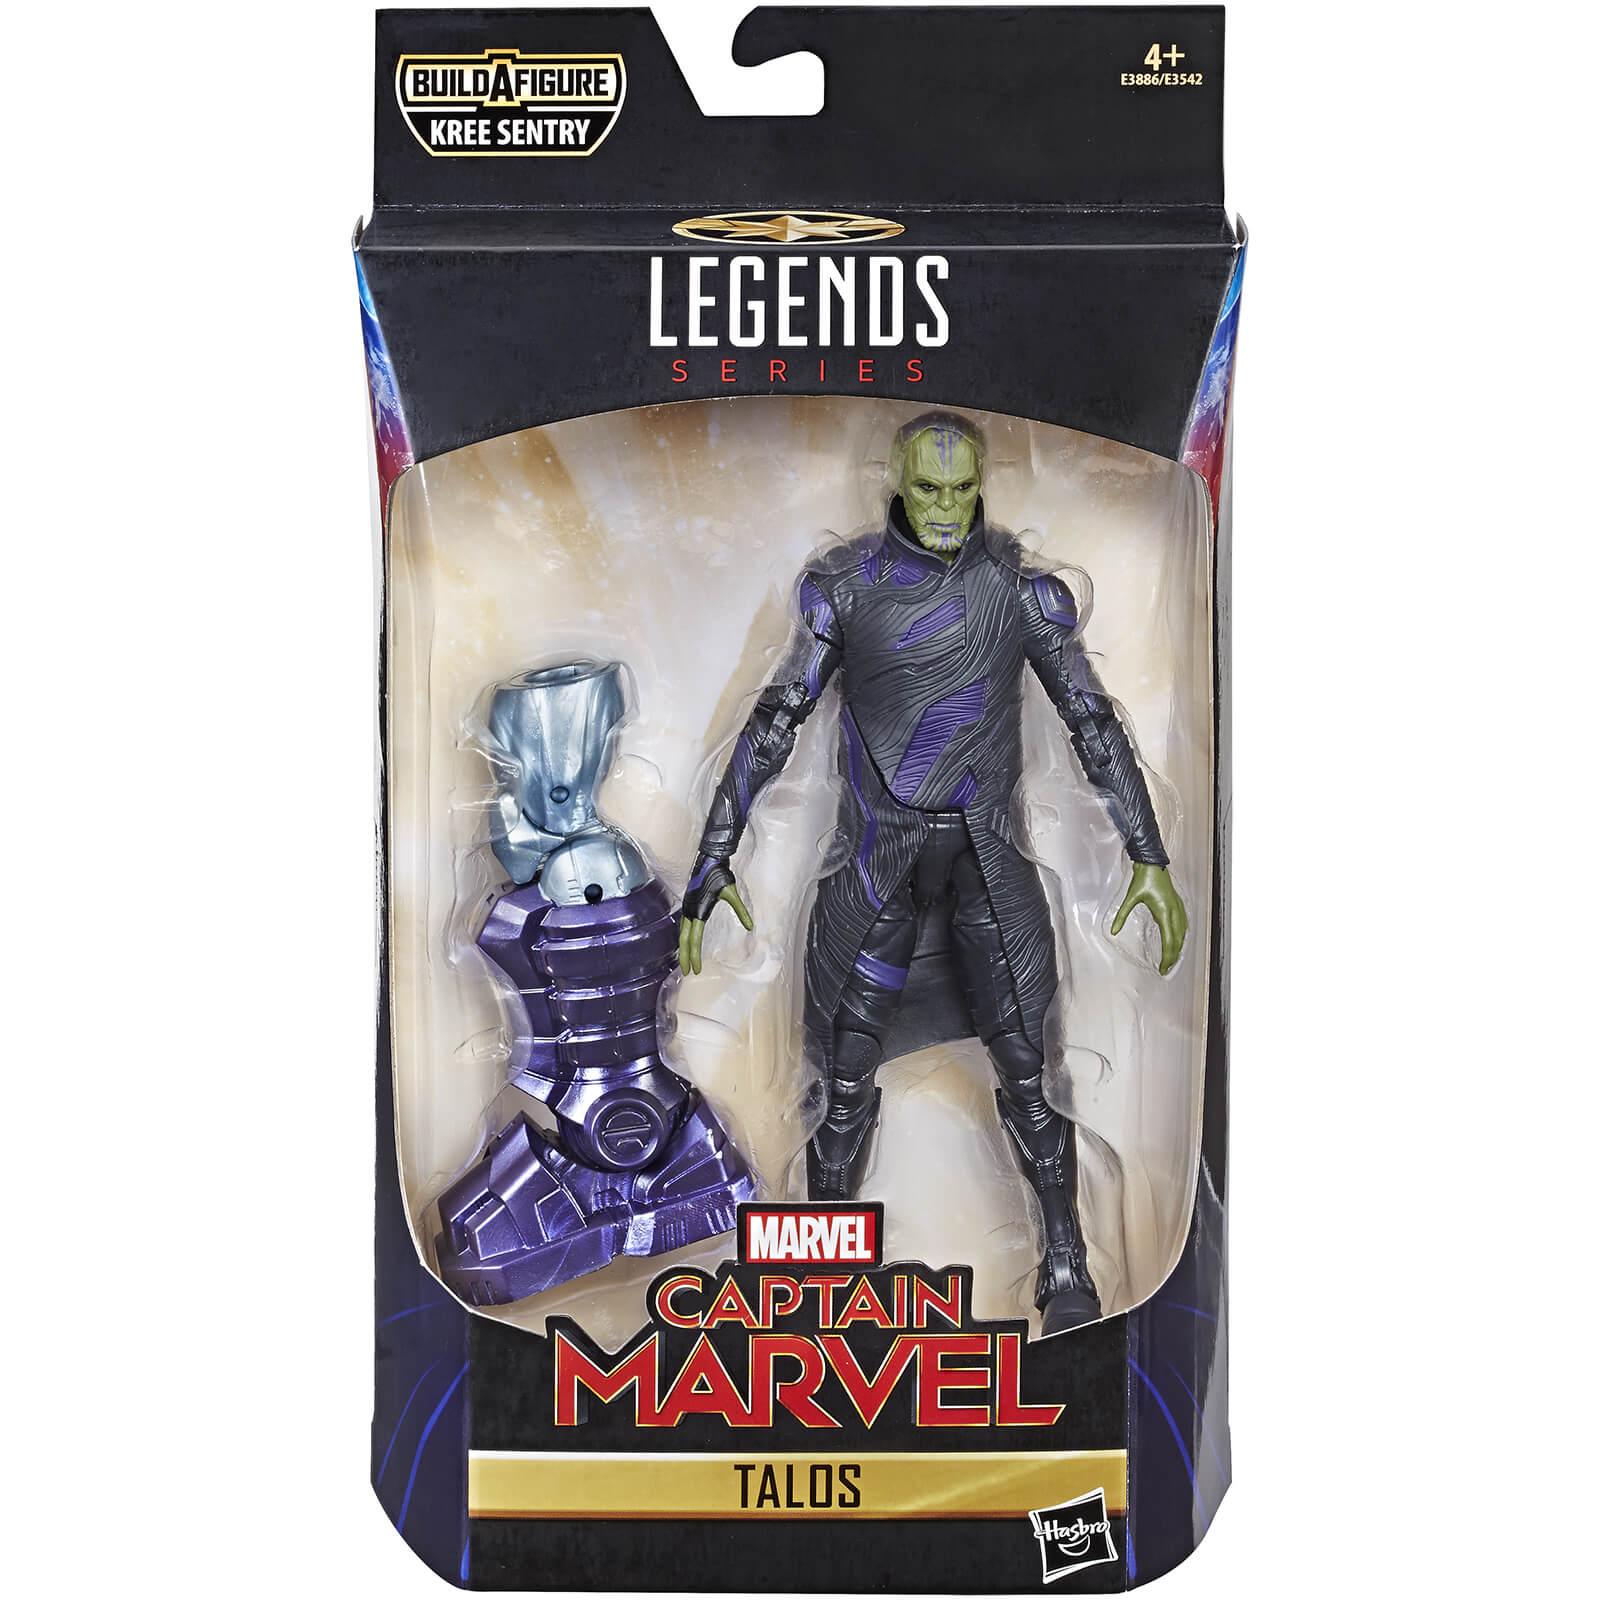 hasbro marvel legends series captain marvel 6-inch talos skrull figure